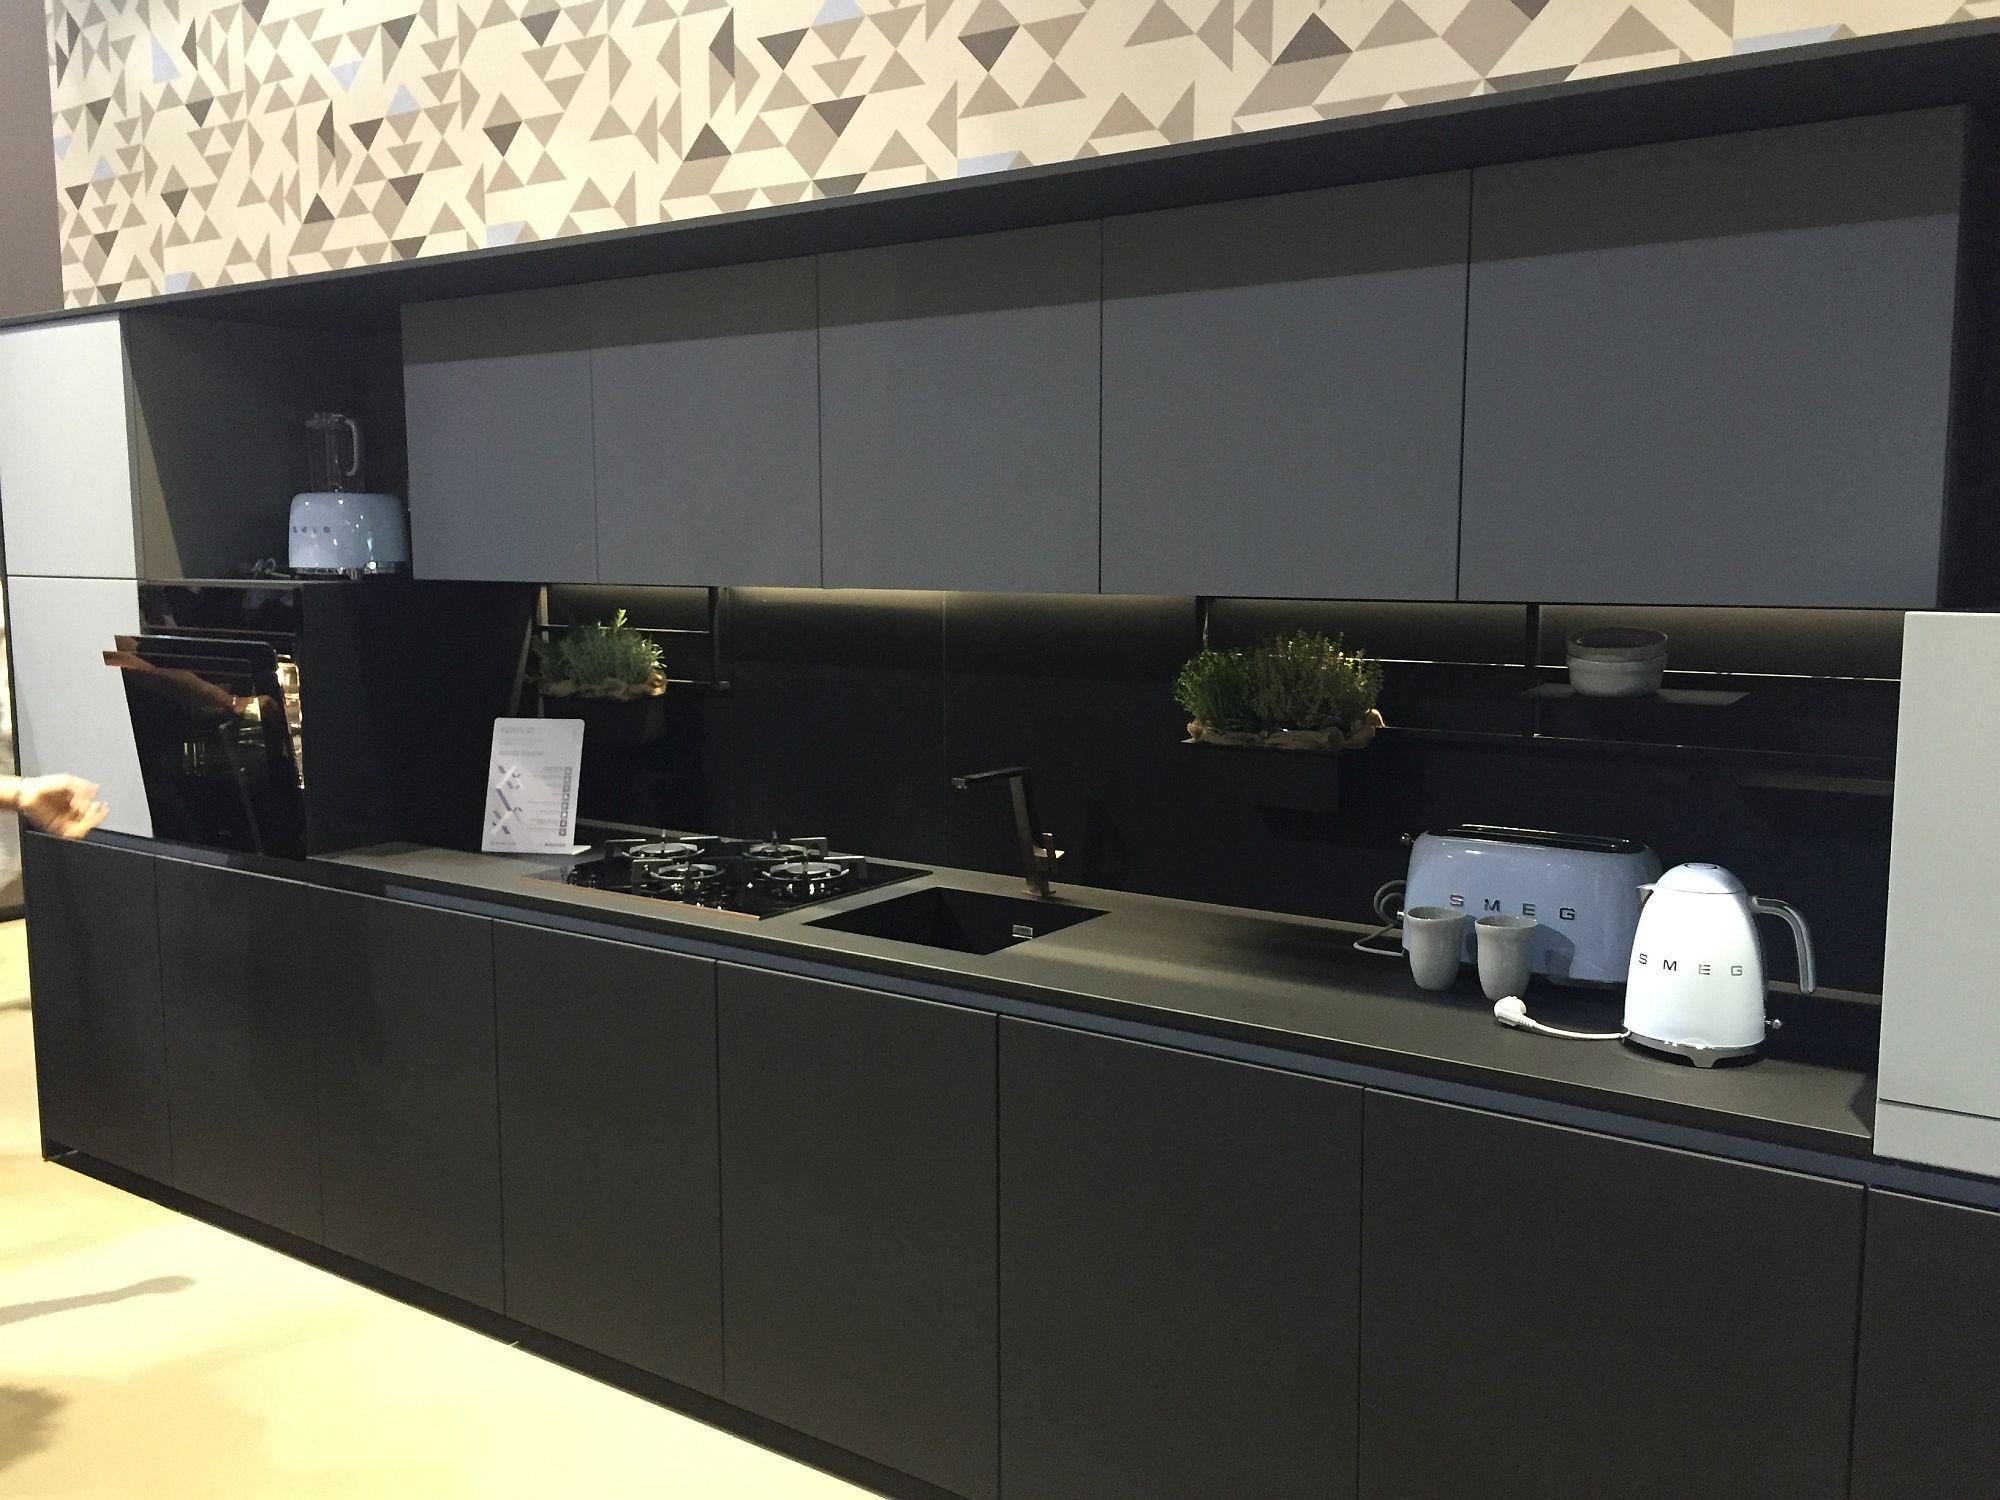 Küchenideen mit schwarzen schränken moderne ein wand küche küche insel wand eine wand küche layout mit